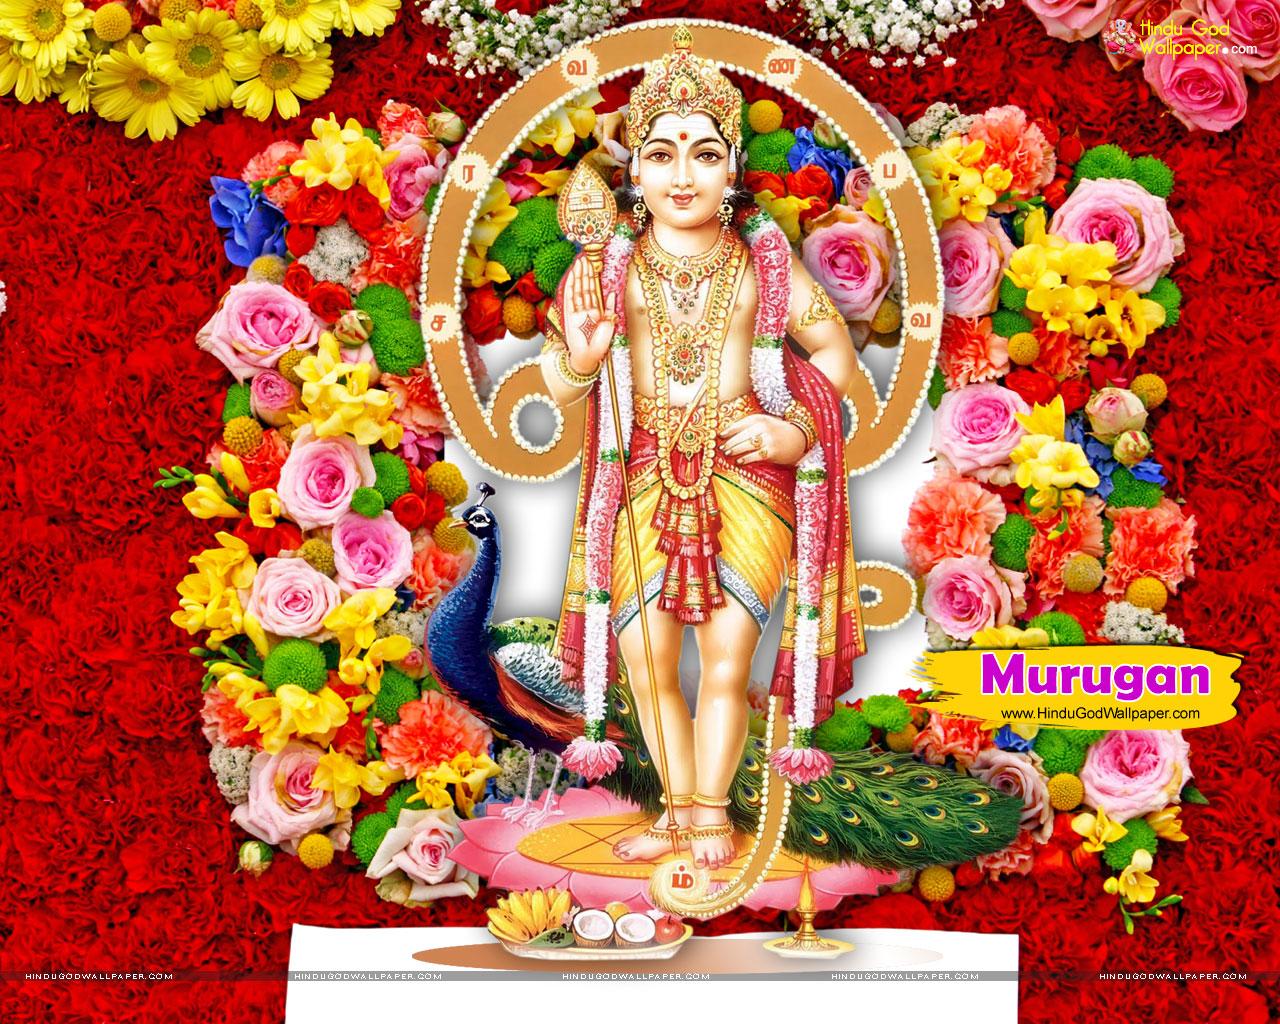 lord murugan live wallpaper free download